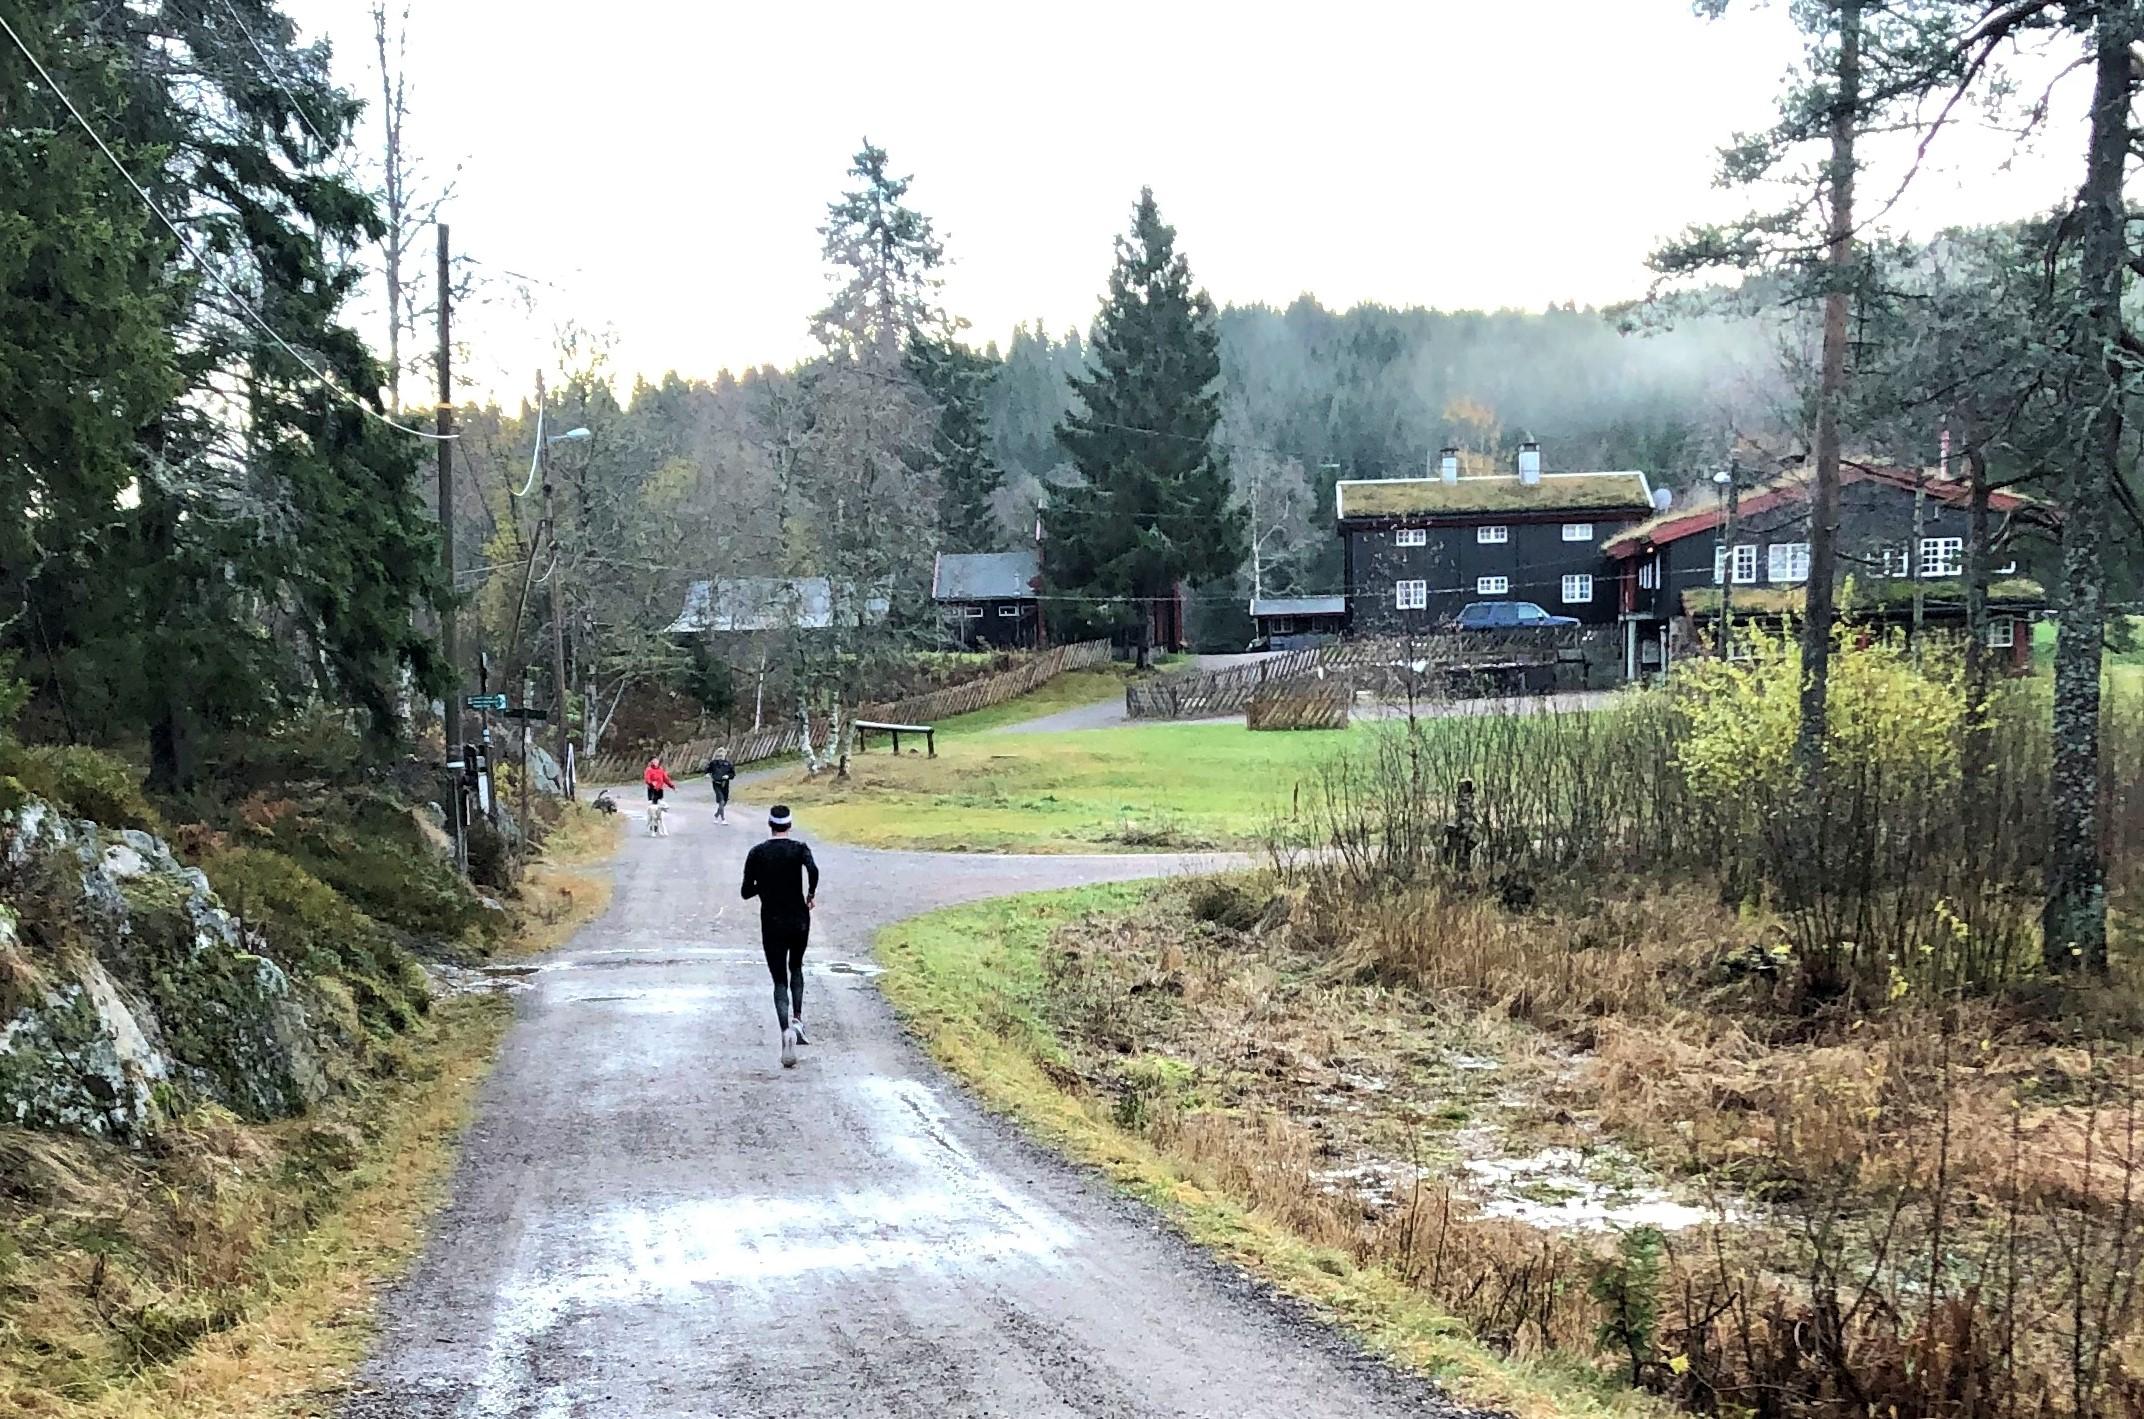 Stemningsbilde da vinneren Karl Fremstad passerer Tryvannstua. Foto Anne Jenny Dvergsdal.jpg